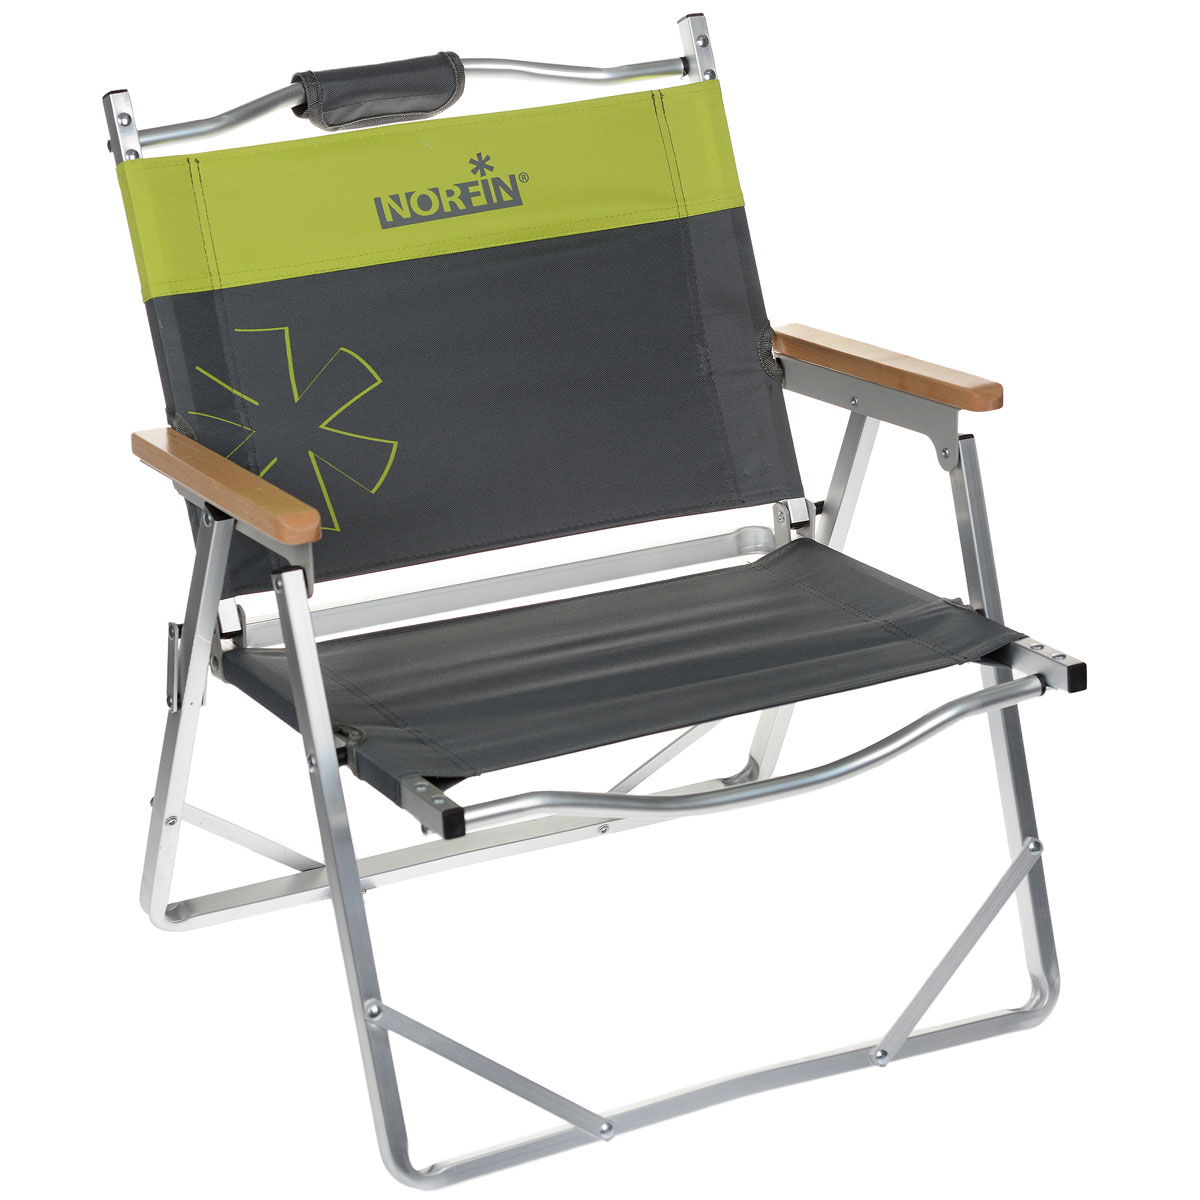 Кресло складное Norfin Alesund NF Alu, цвет: серый, желтый, 47 см х 54 см х 62 см0036514Невысокое складное кресло Norfin Alesund NF Alu -это незаменимый предмет походной мебели. Прочный и легкий каркас выполнен из алюминия. Оснащено деревянными подлокотниками. Легкое, очень удобно для переноски, так как в складном виде имеет ручки.